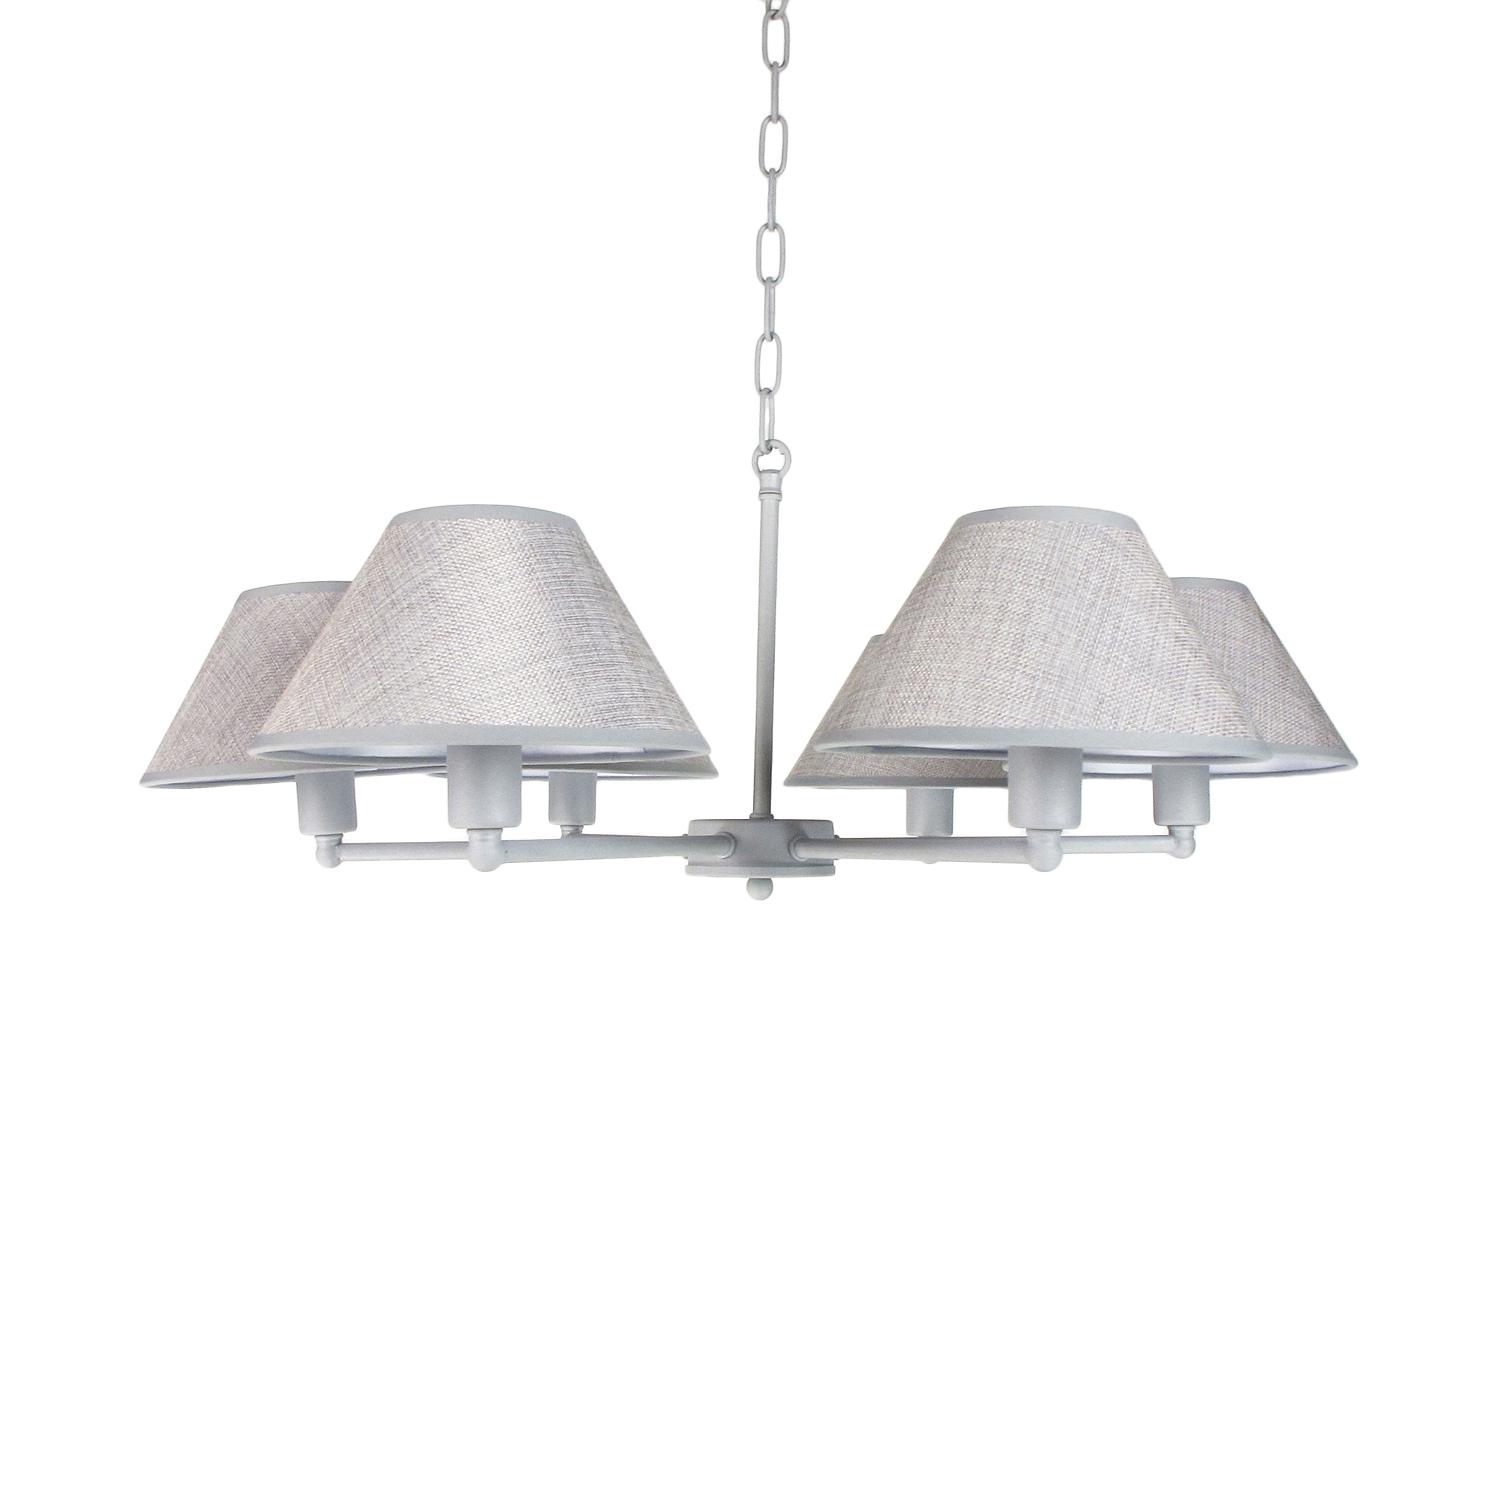 Подвесная люстра Светпромъ 12576 люстра подвесная светпромъ металлическая черная 52 5x100 см